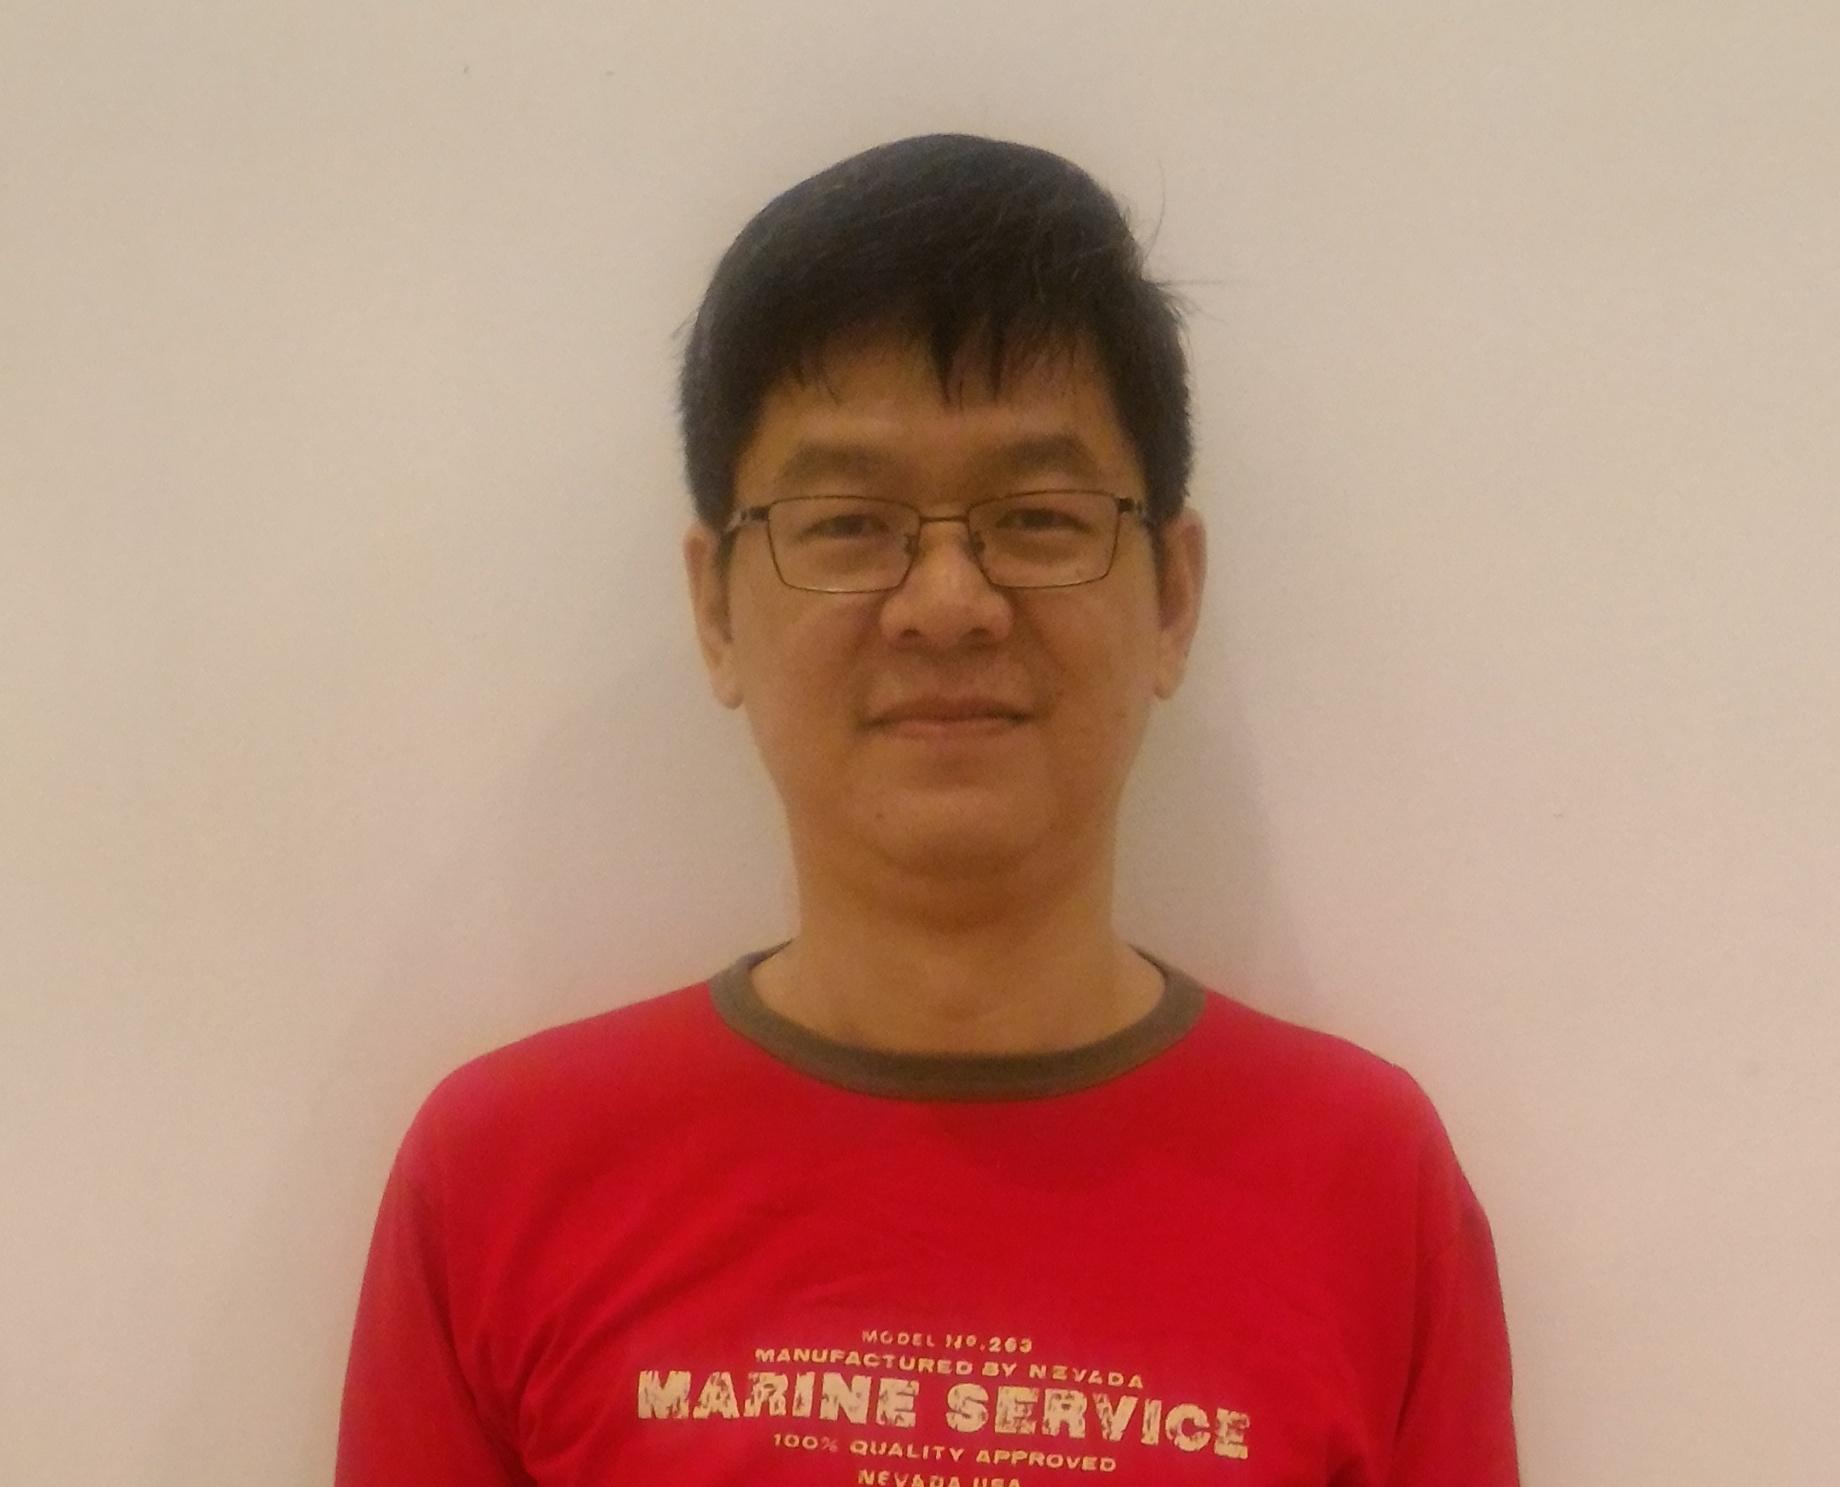 Tandil Wijaya